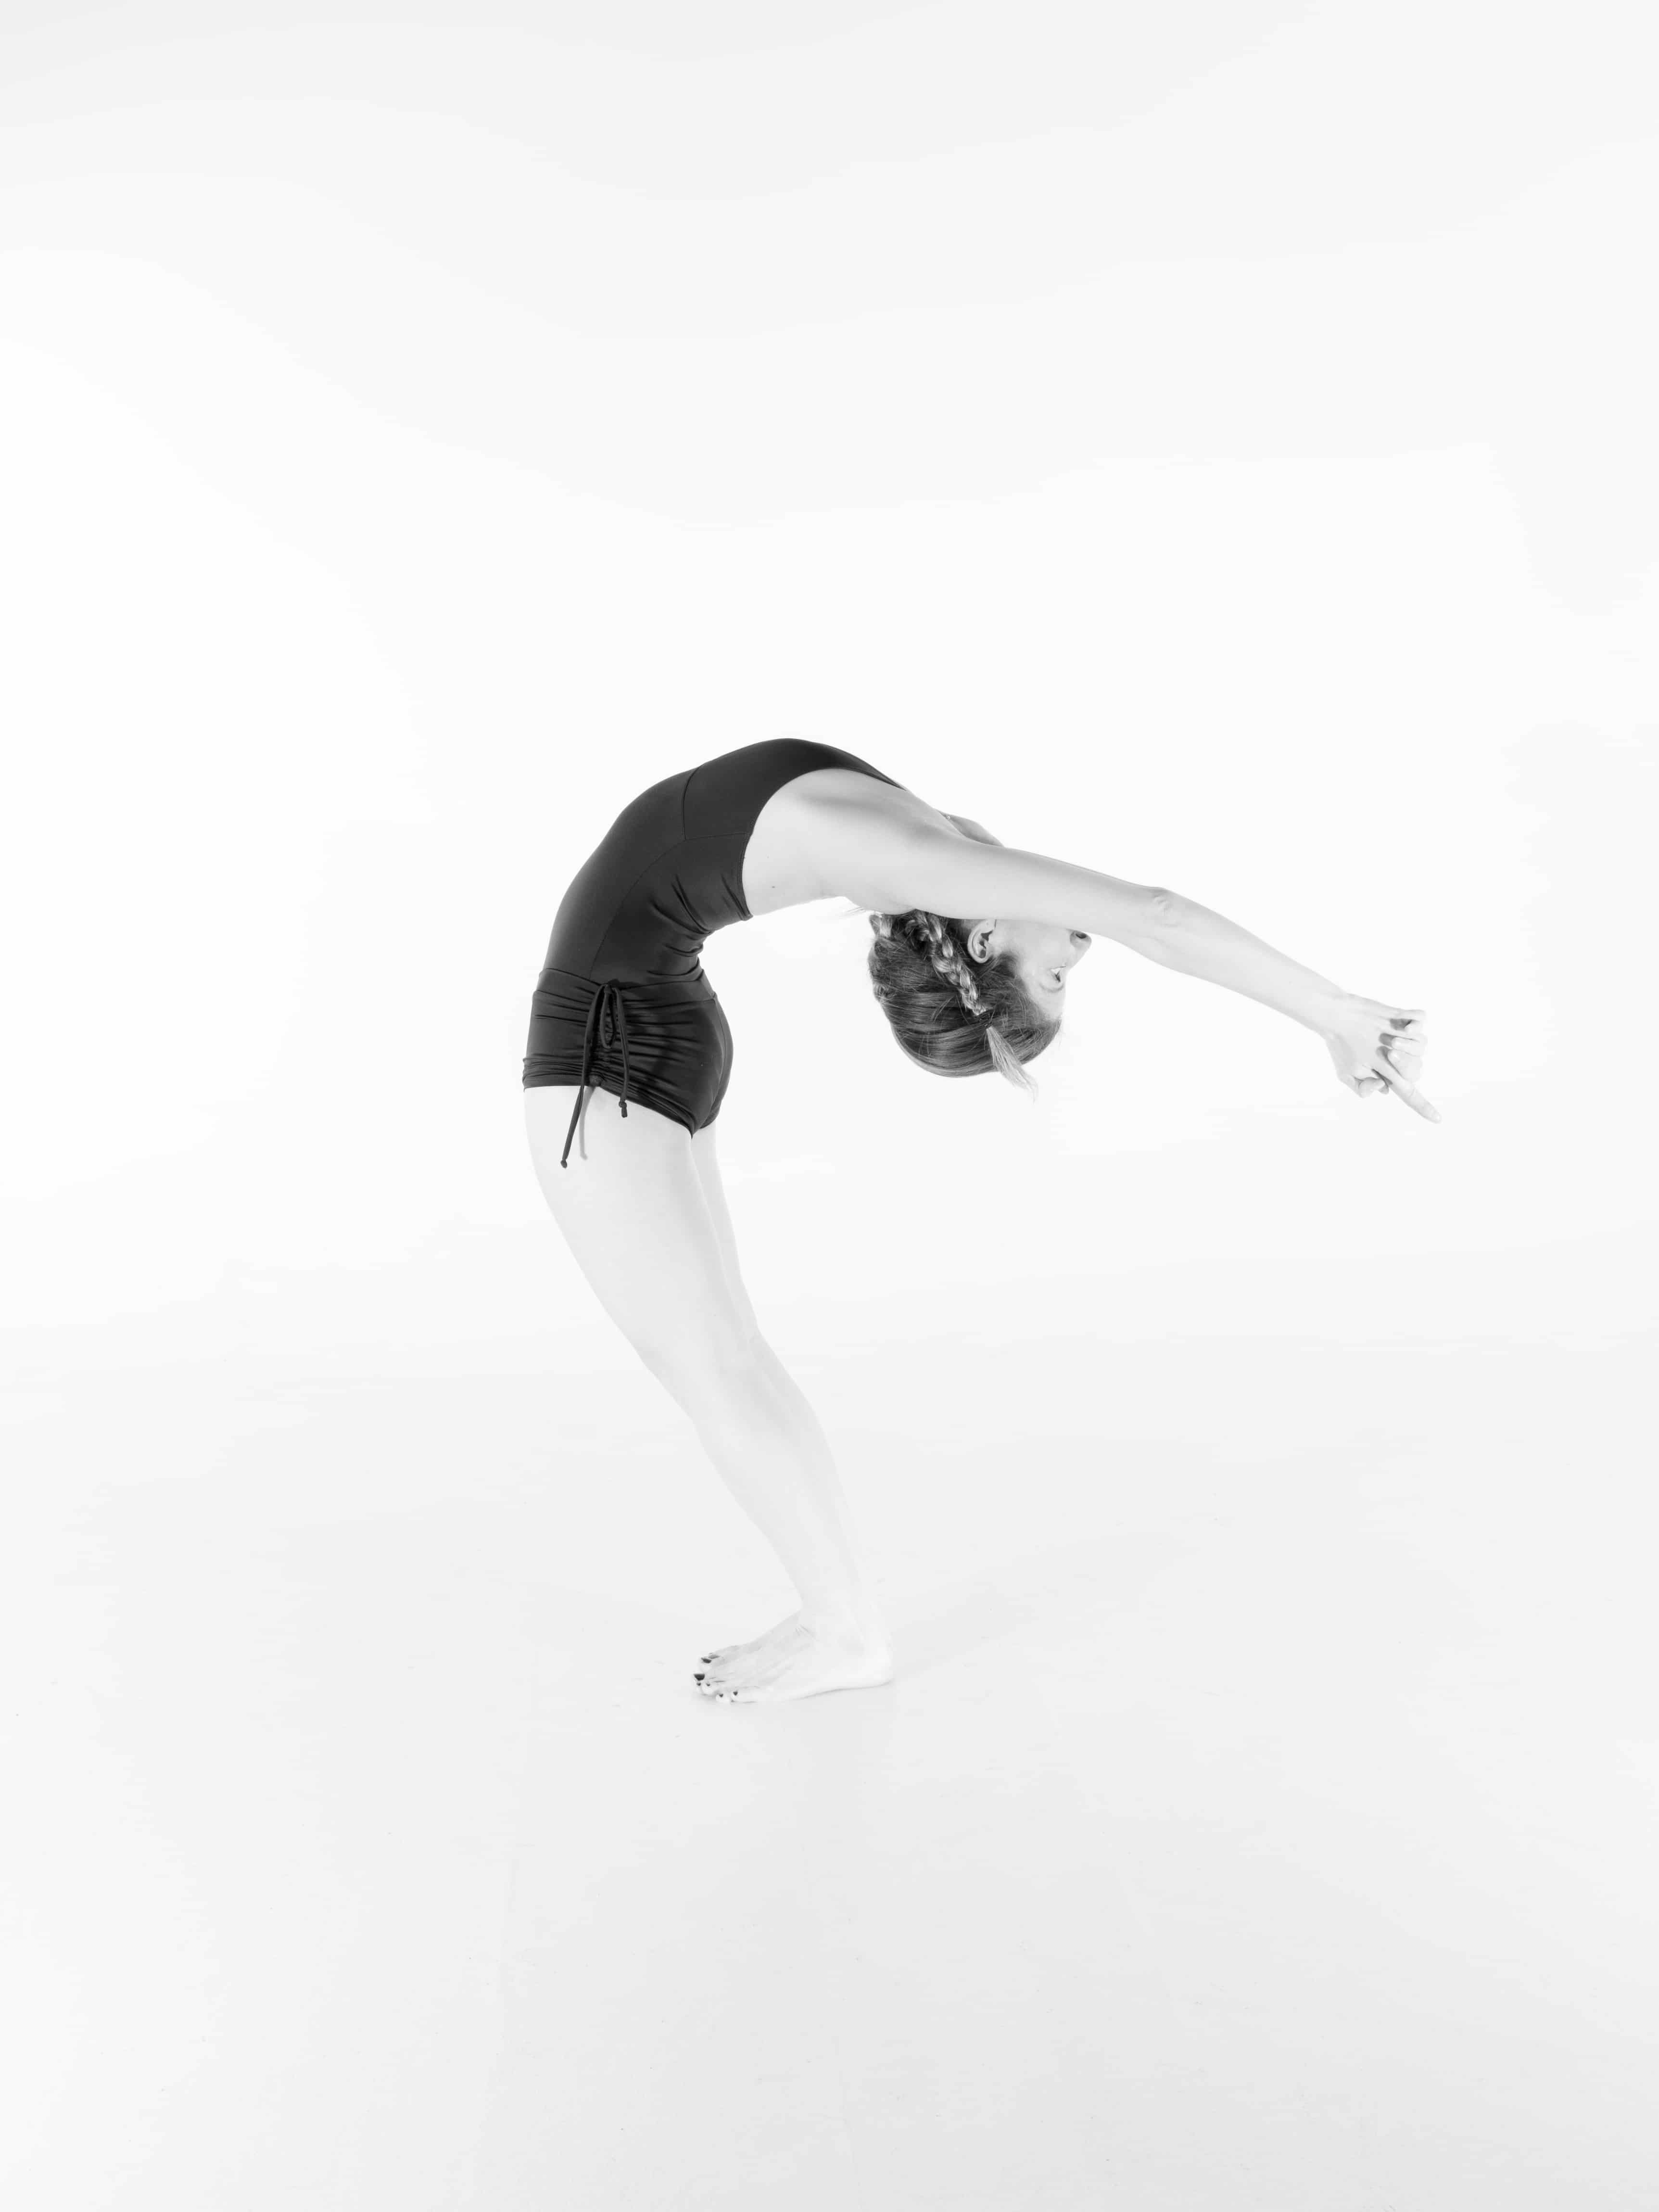 2. Flexion arrière